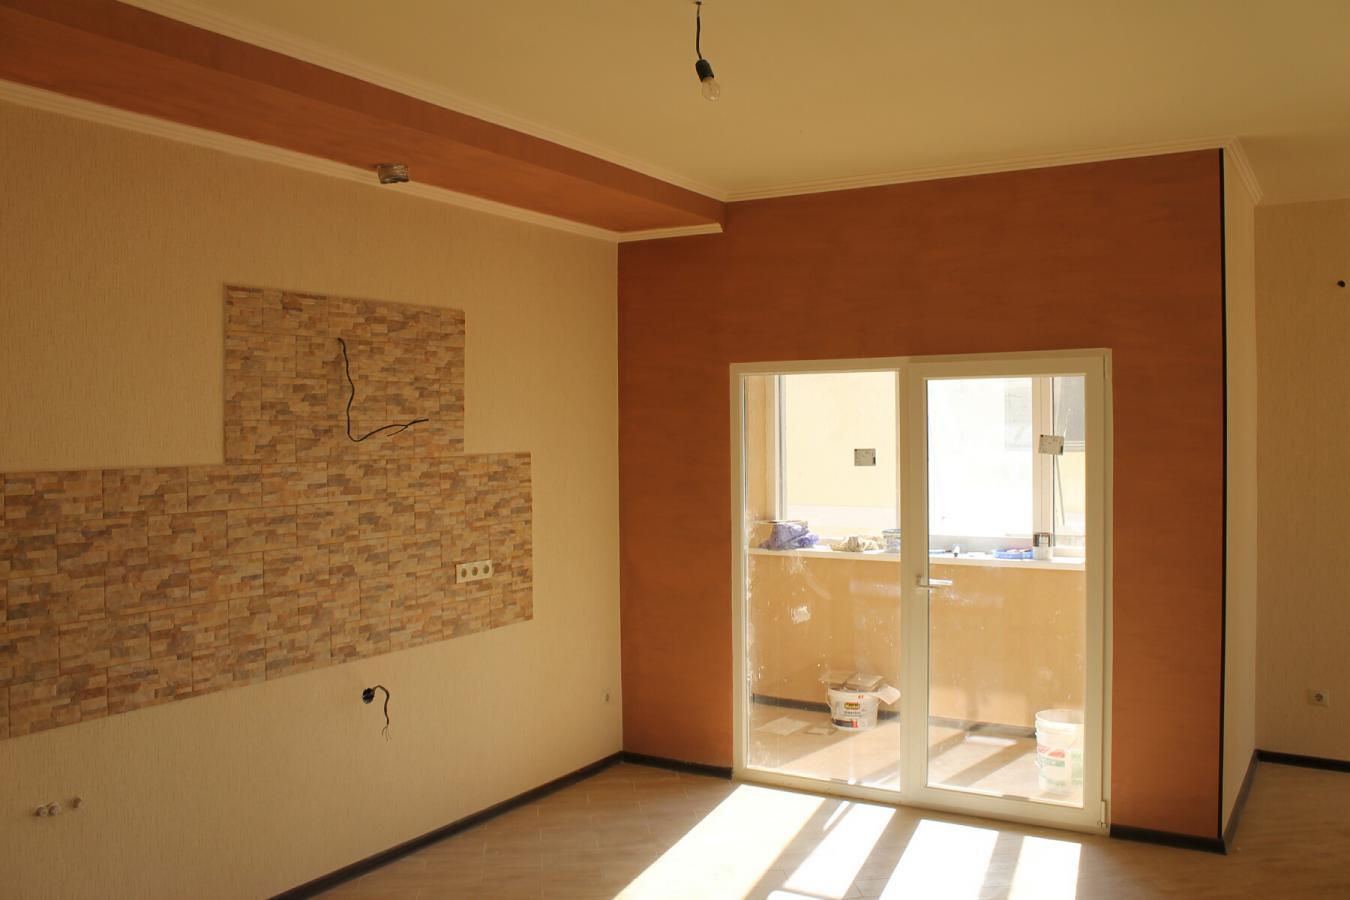 Ремонт квартир под ключ цена за метр квадратный м2 в